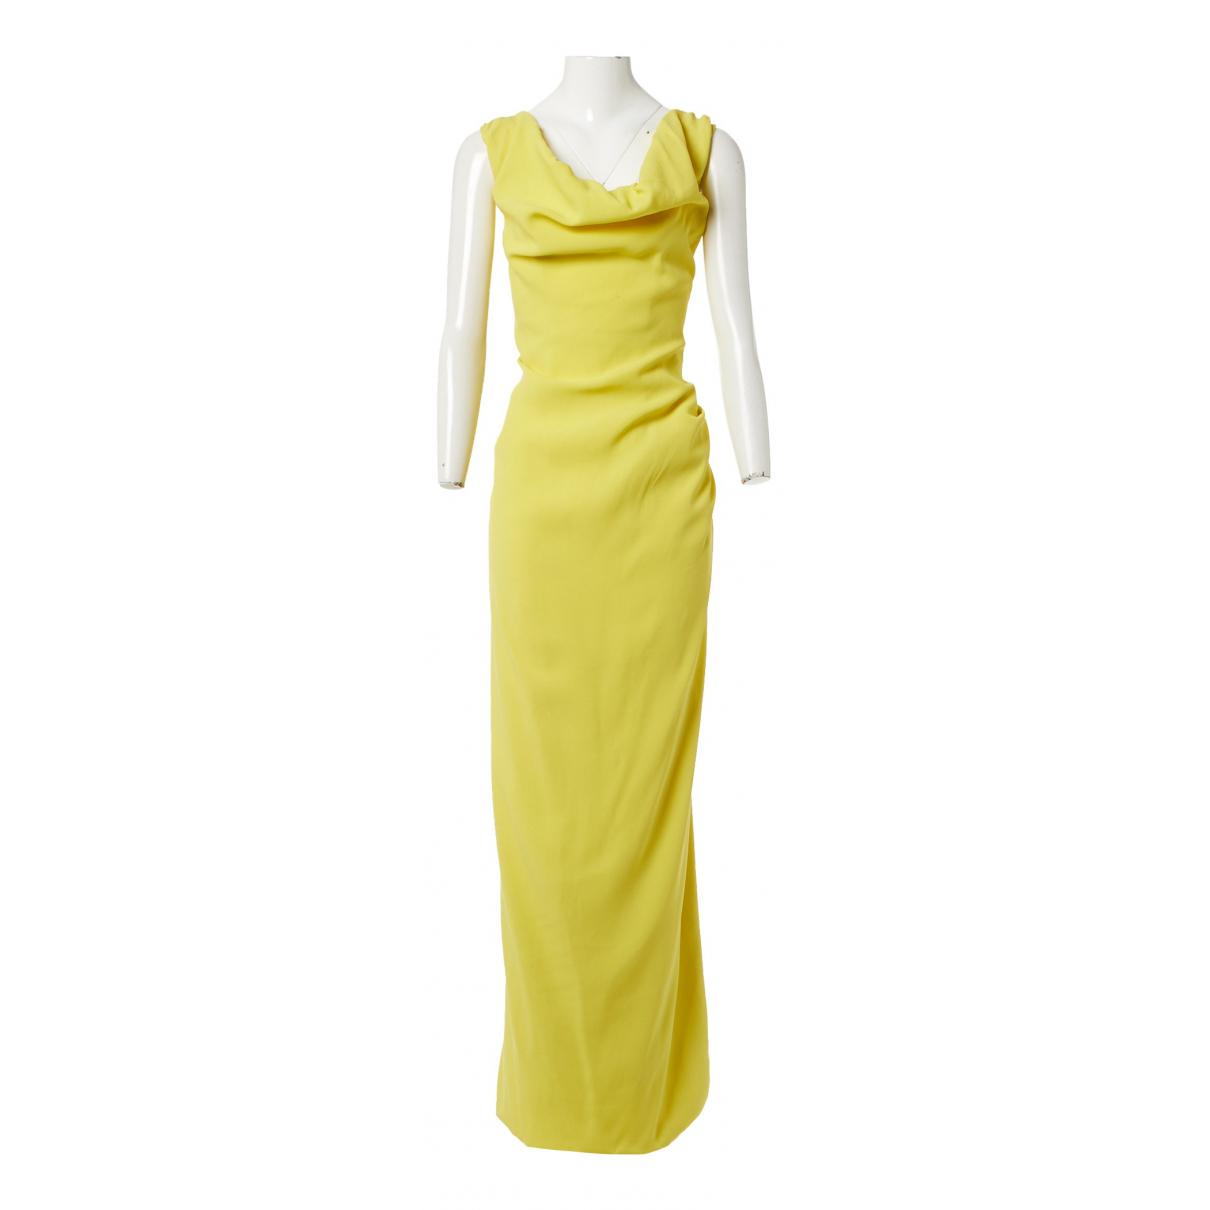 Vivienne Westwood N Yellow dress for Women 38 IT